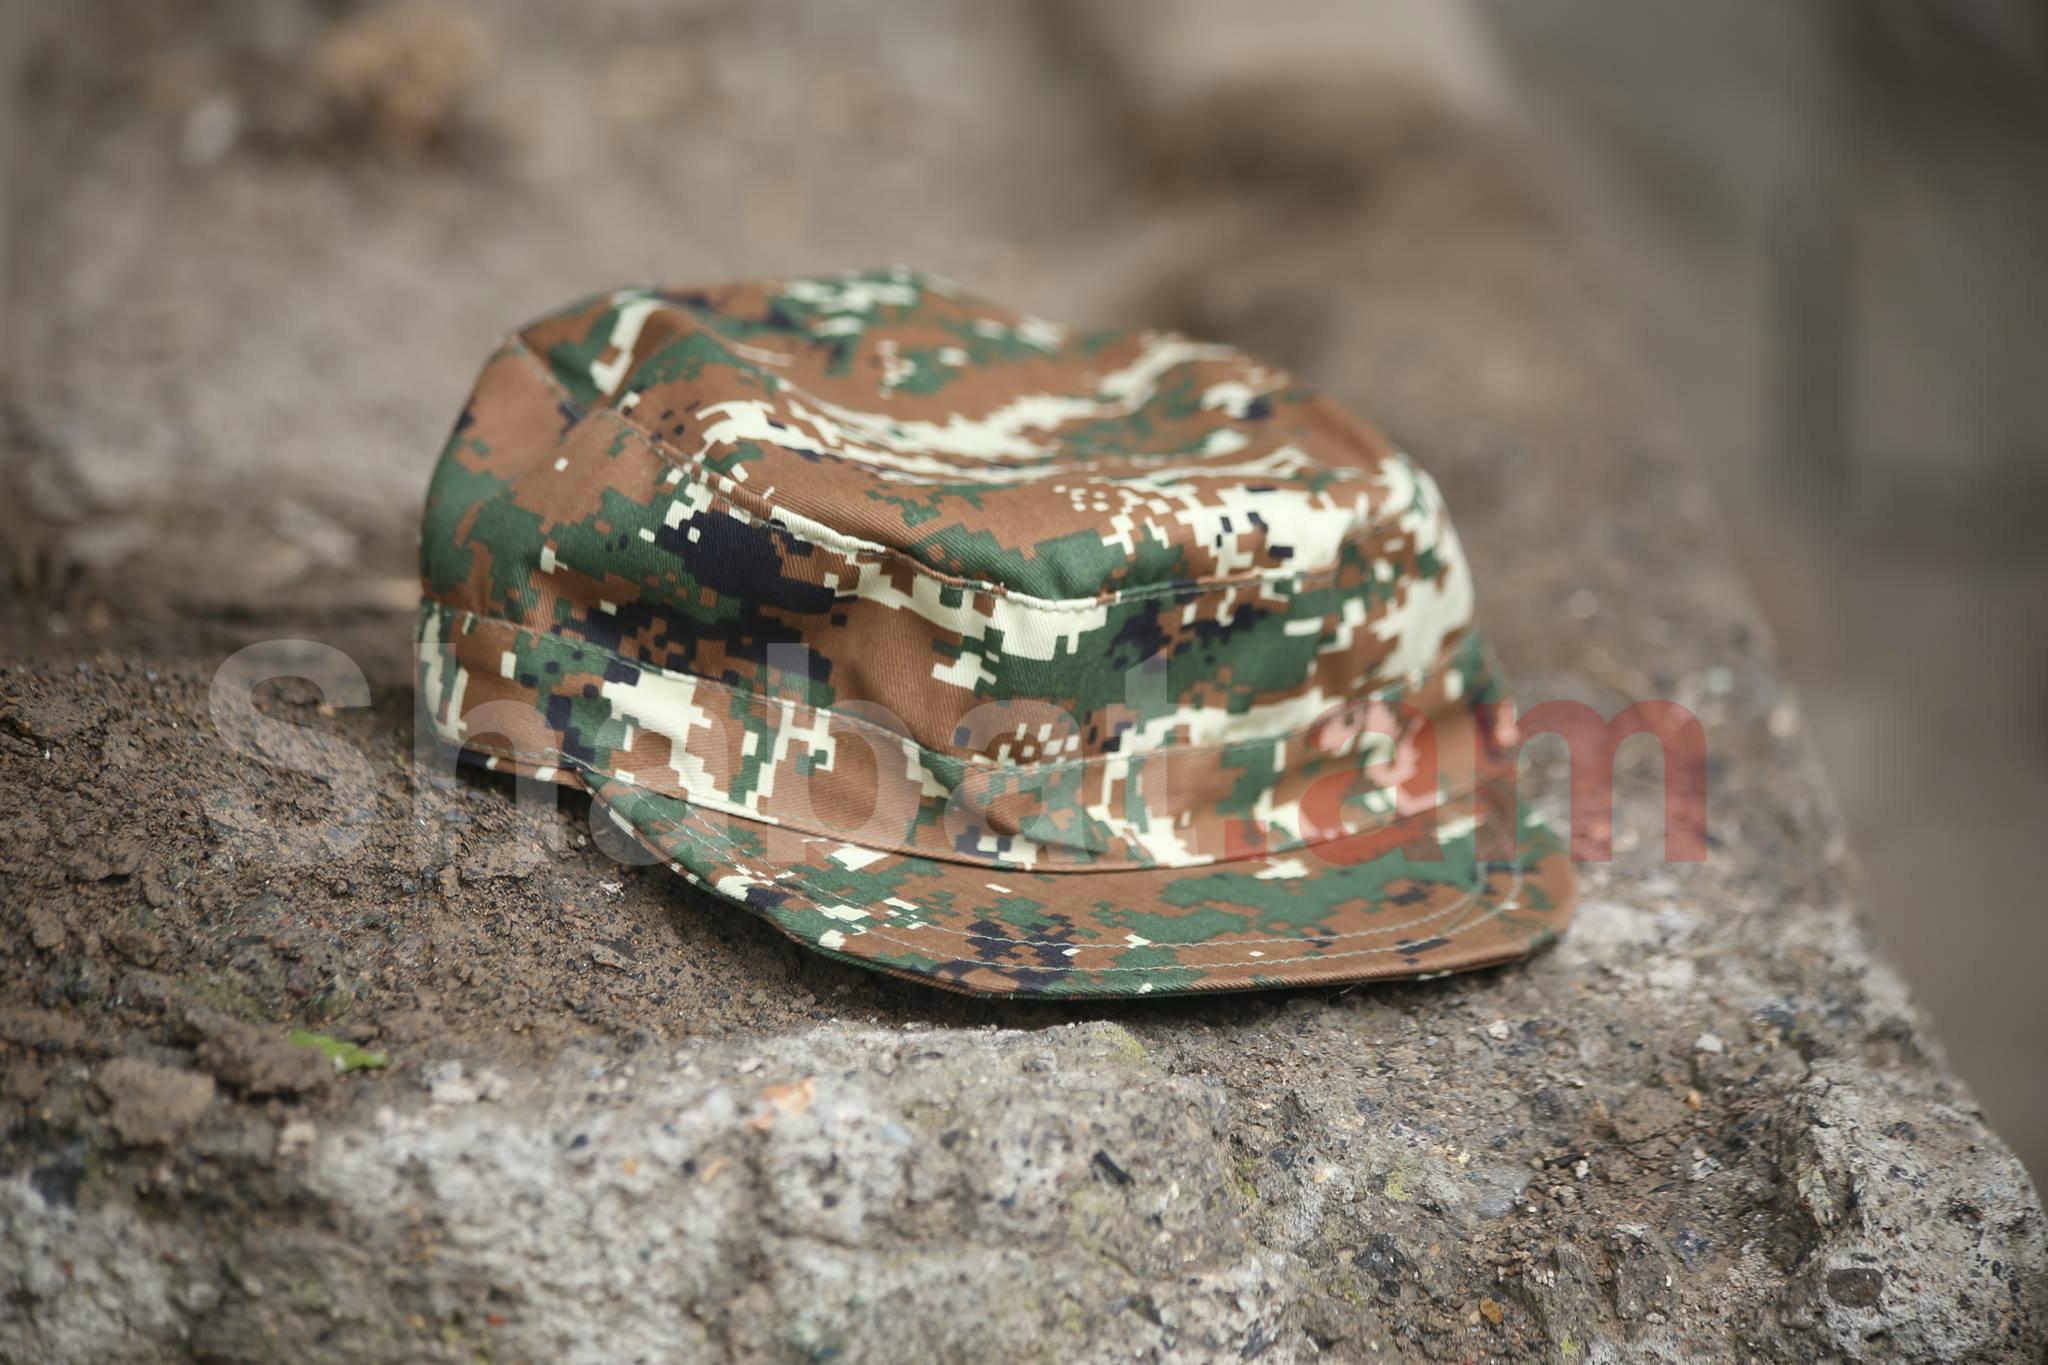 Վանաձորի զորամասերից մեկում զինծառայող է մահացել